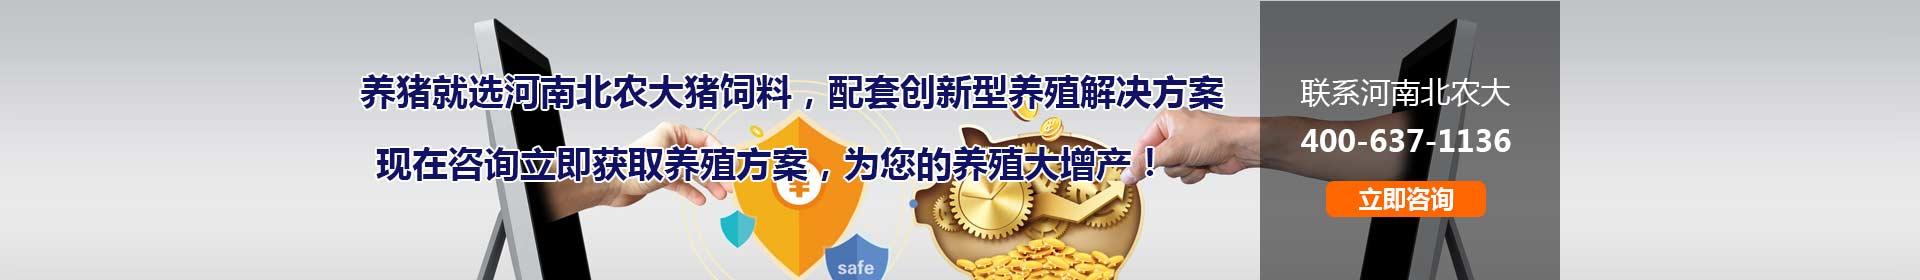 河南博猫平台注册网址哺乳料